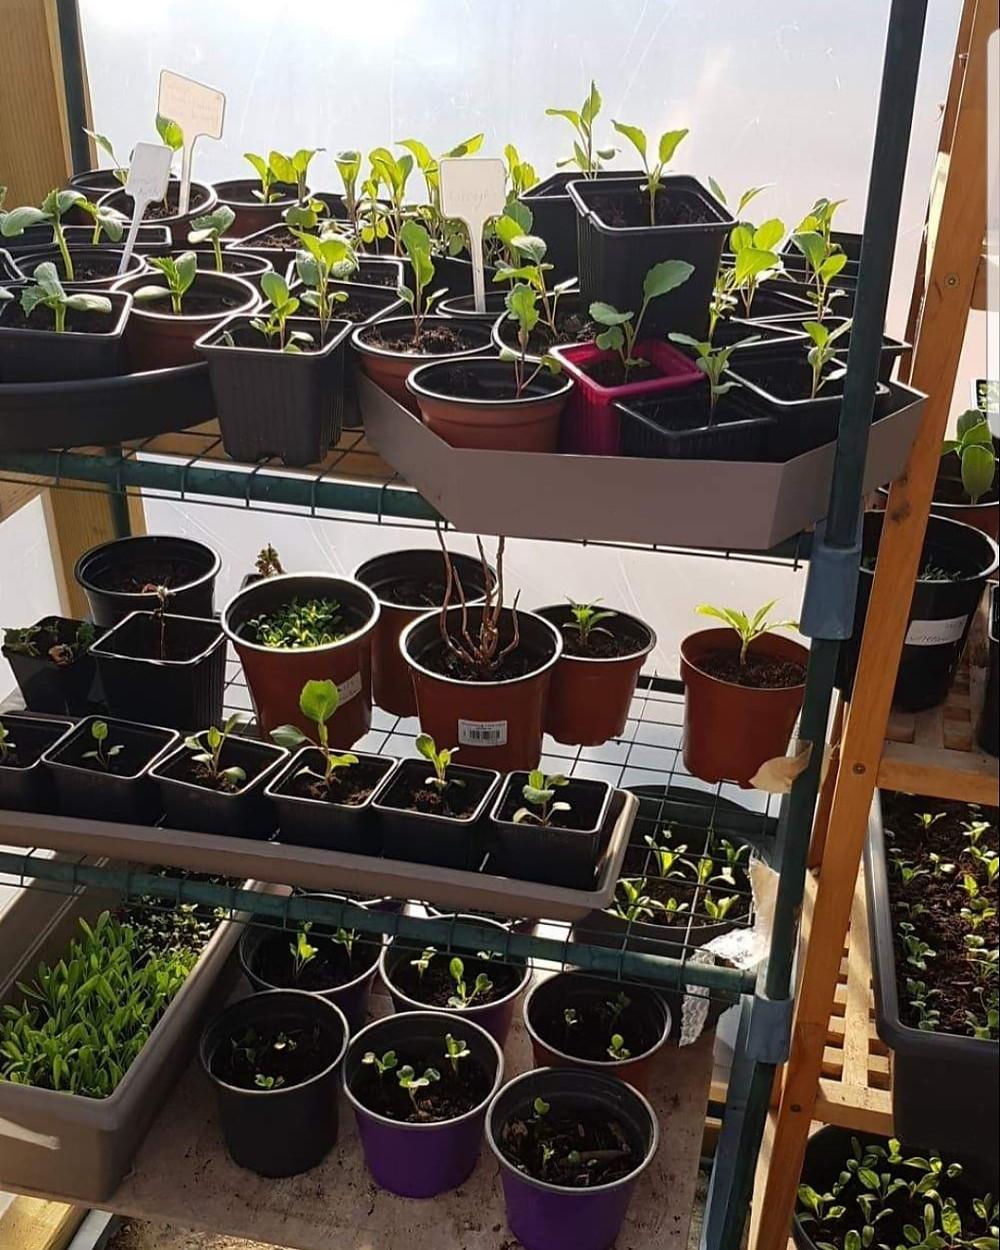 seedlings plants growing in greenhouse